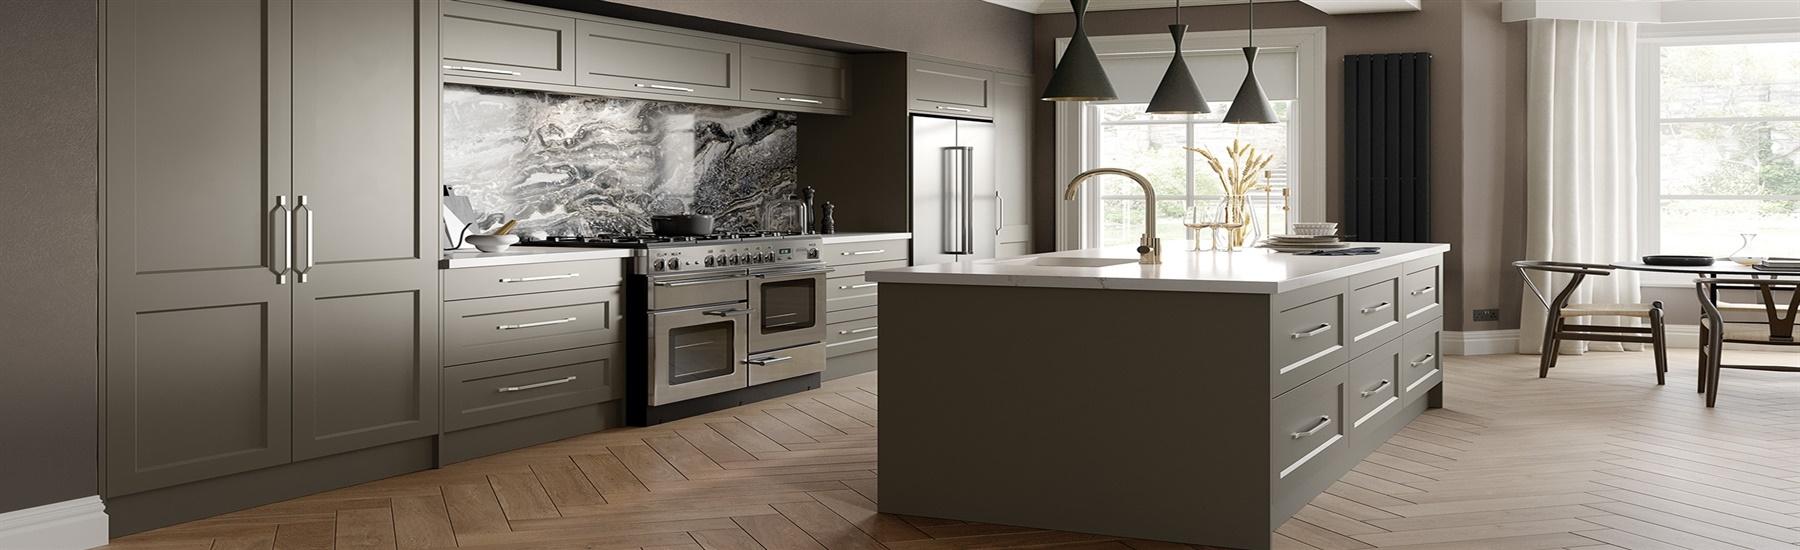 richmond-kitchen-accessory-header